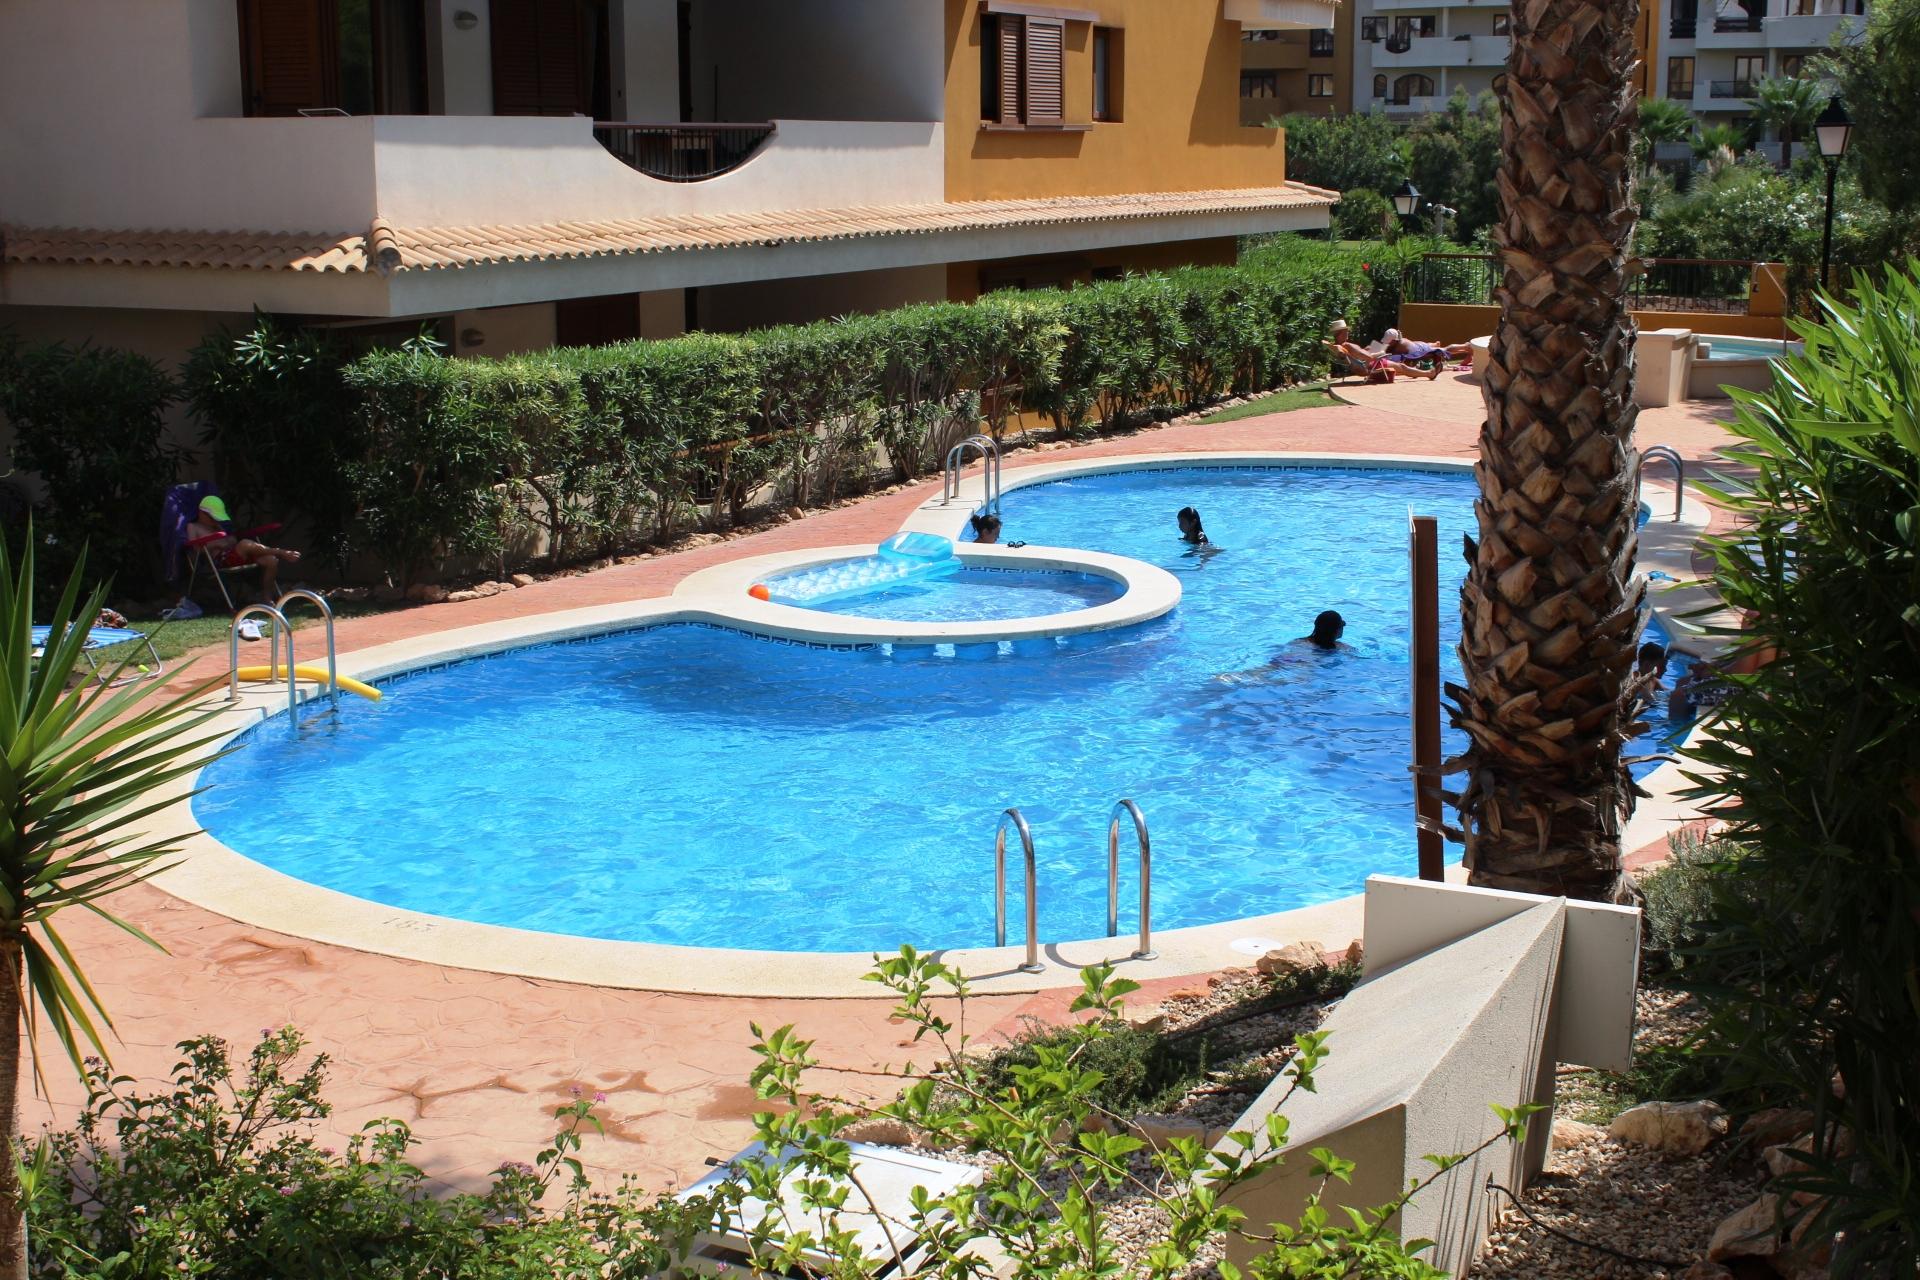 Huur een appartement in Punta Prima la Entrada.